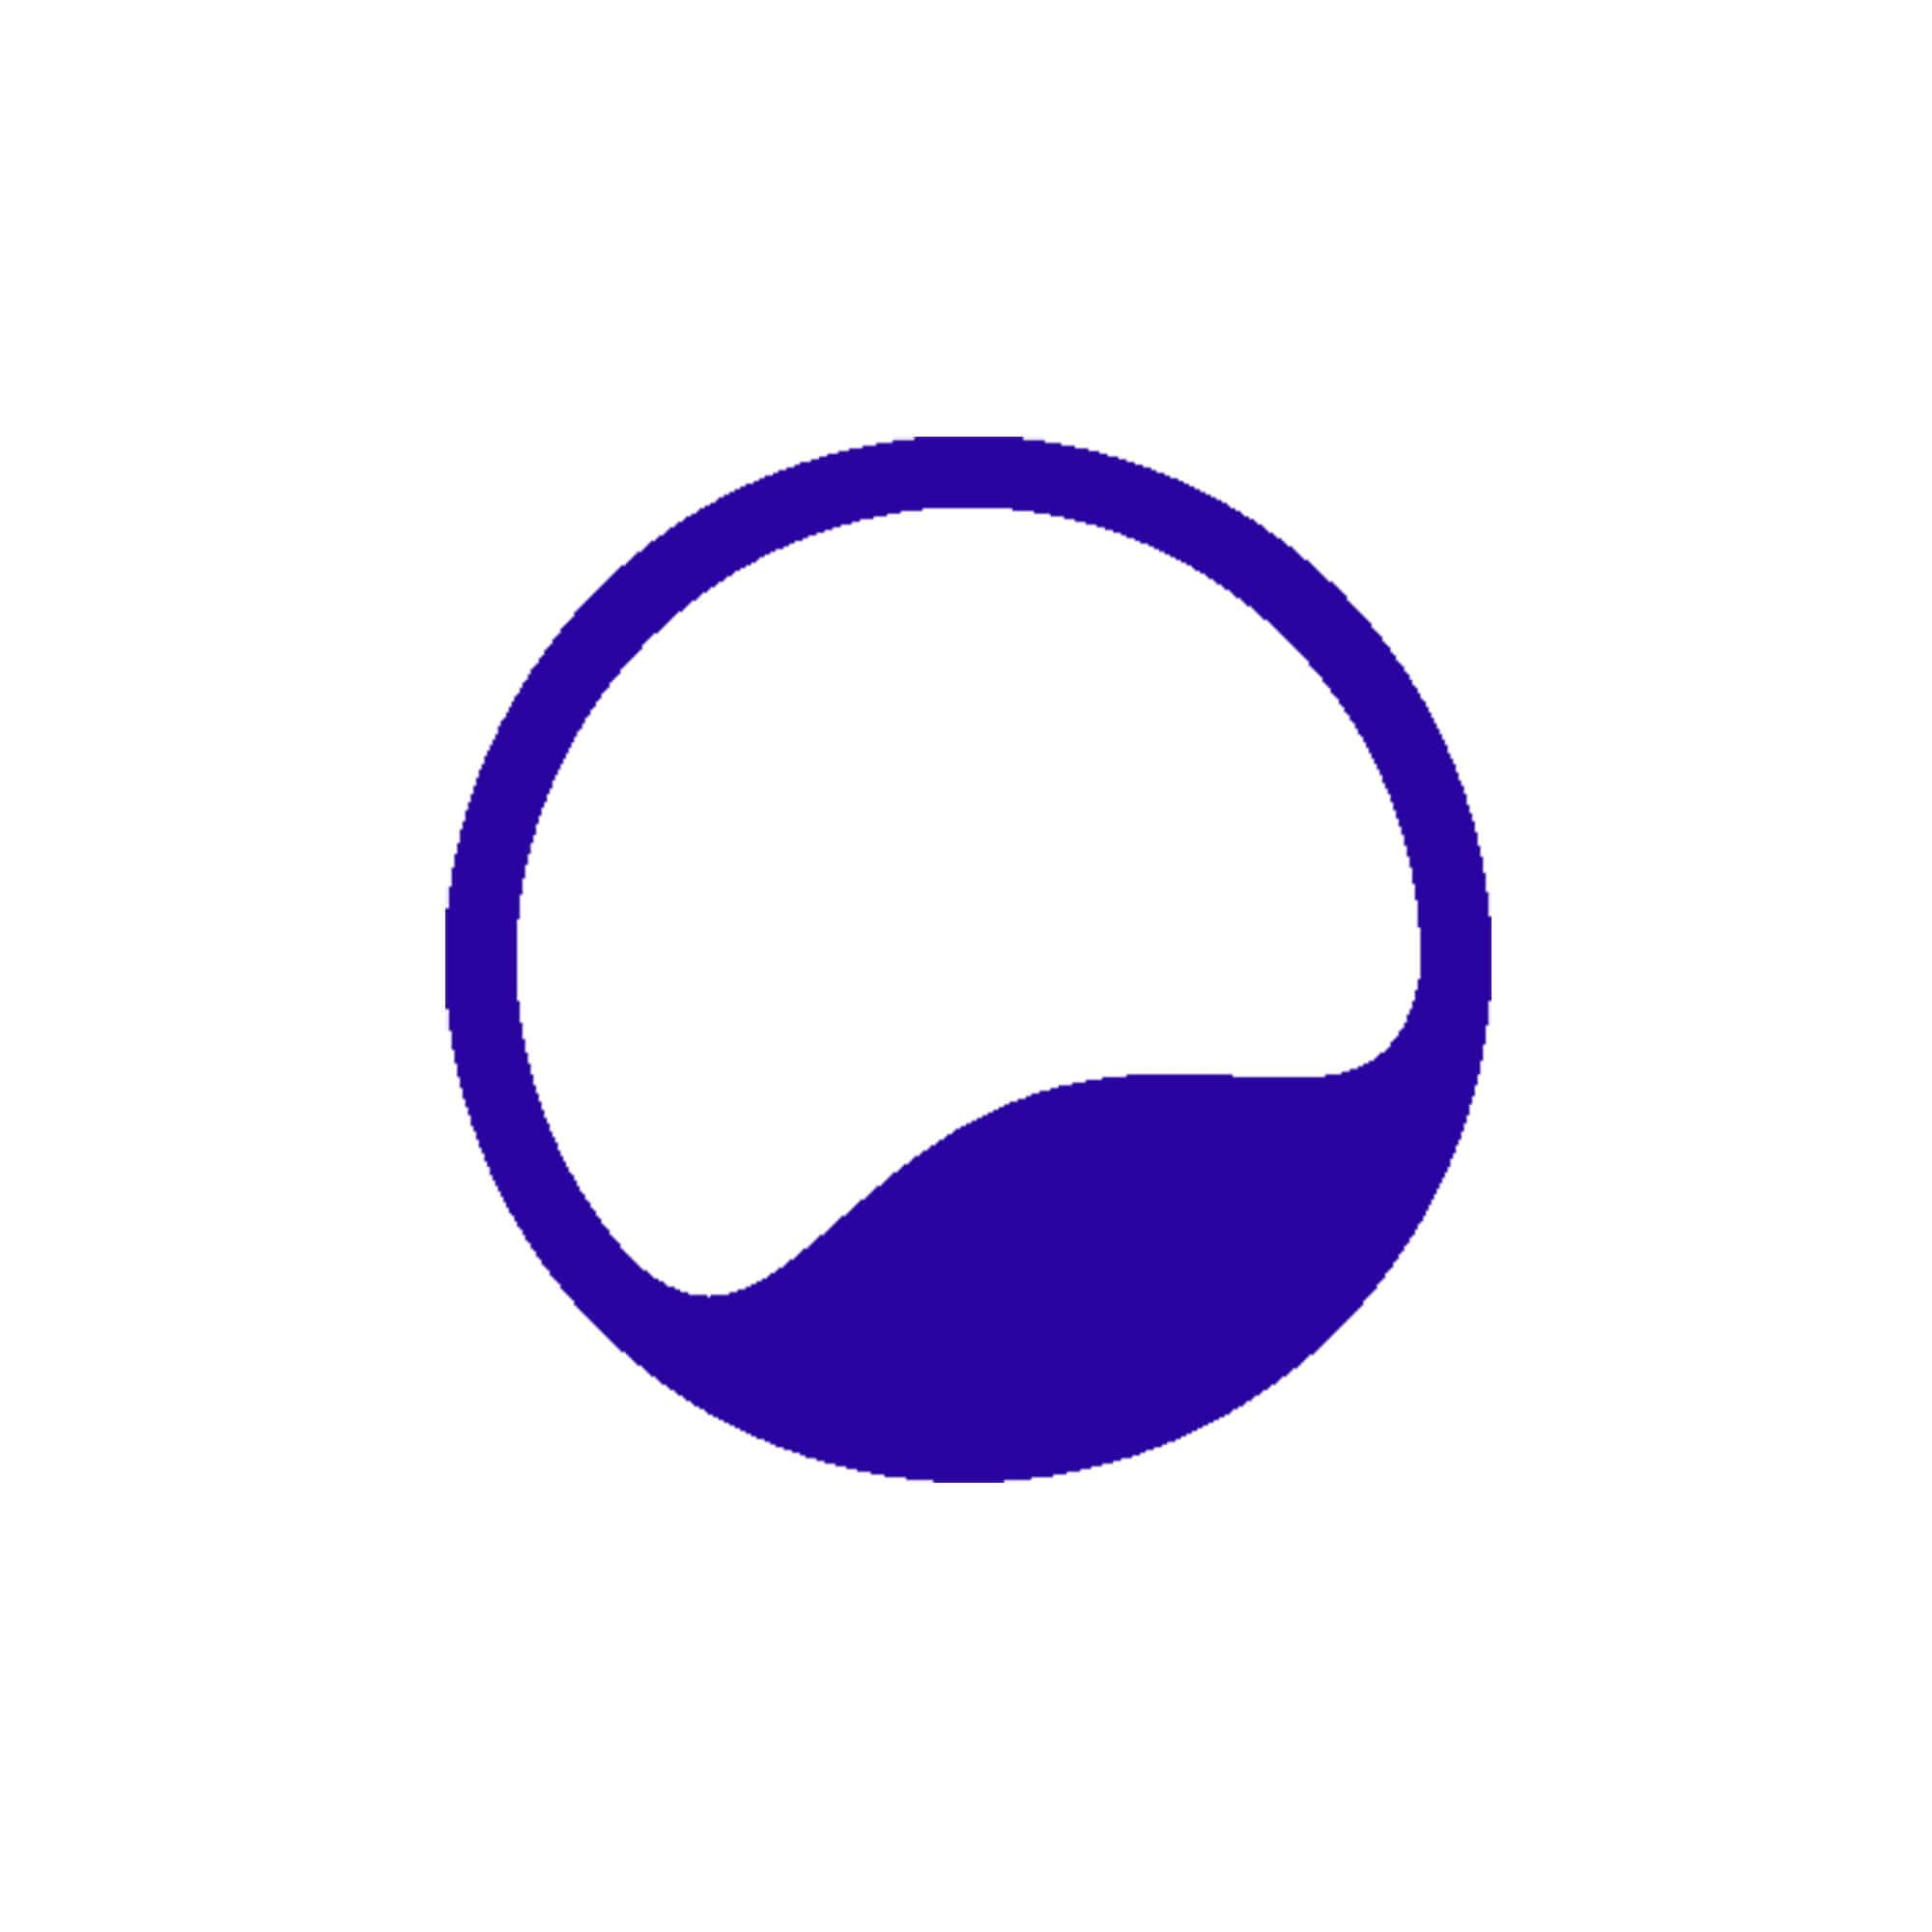 Ondus app icon